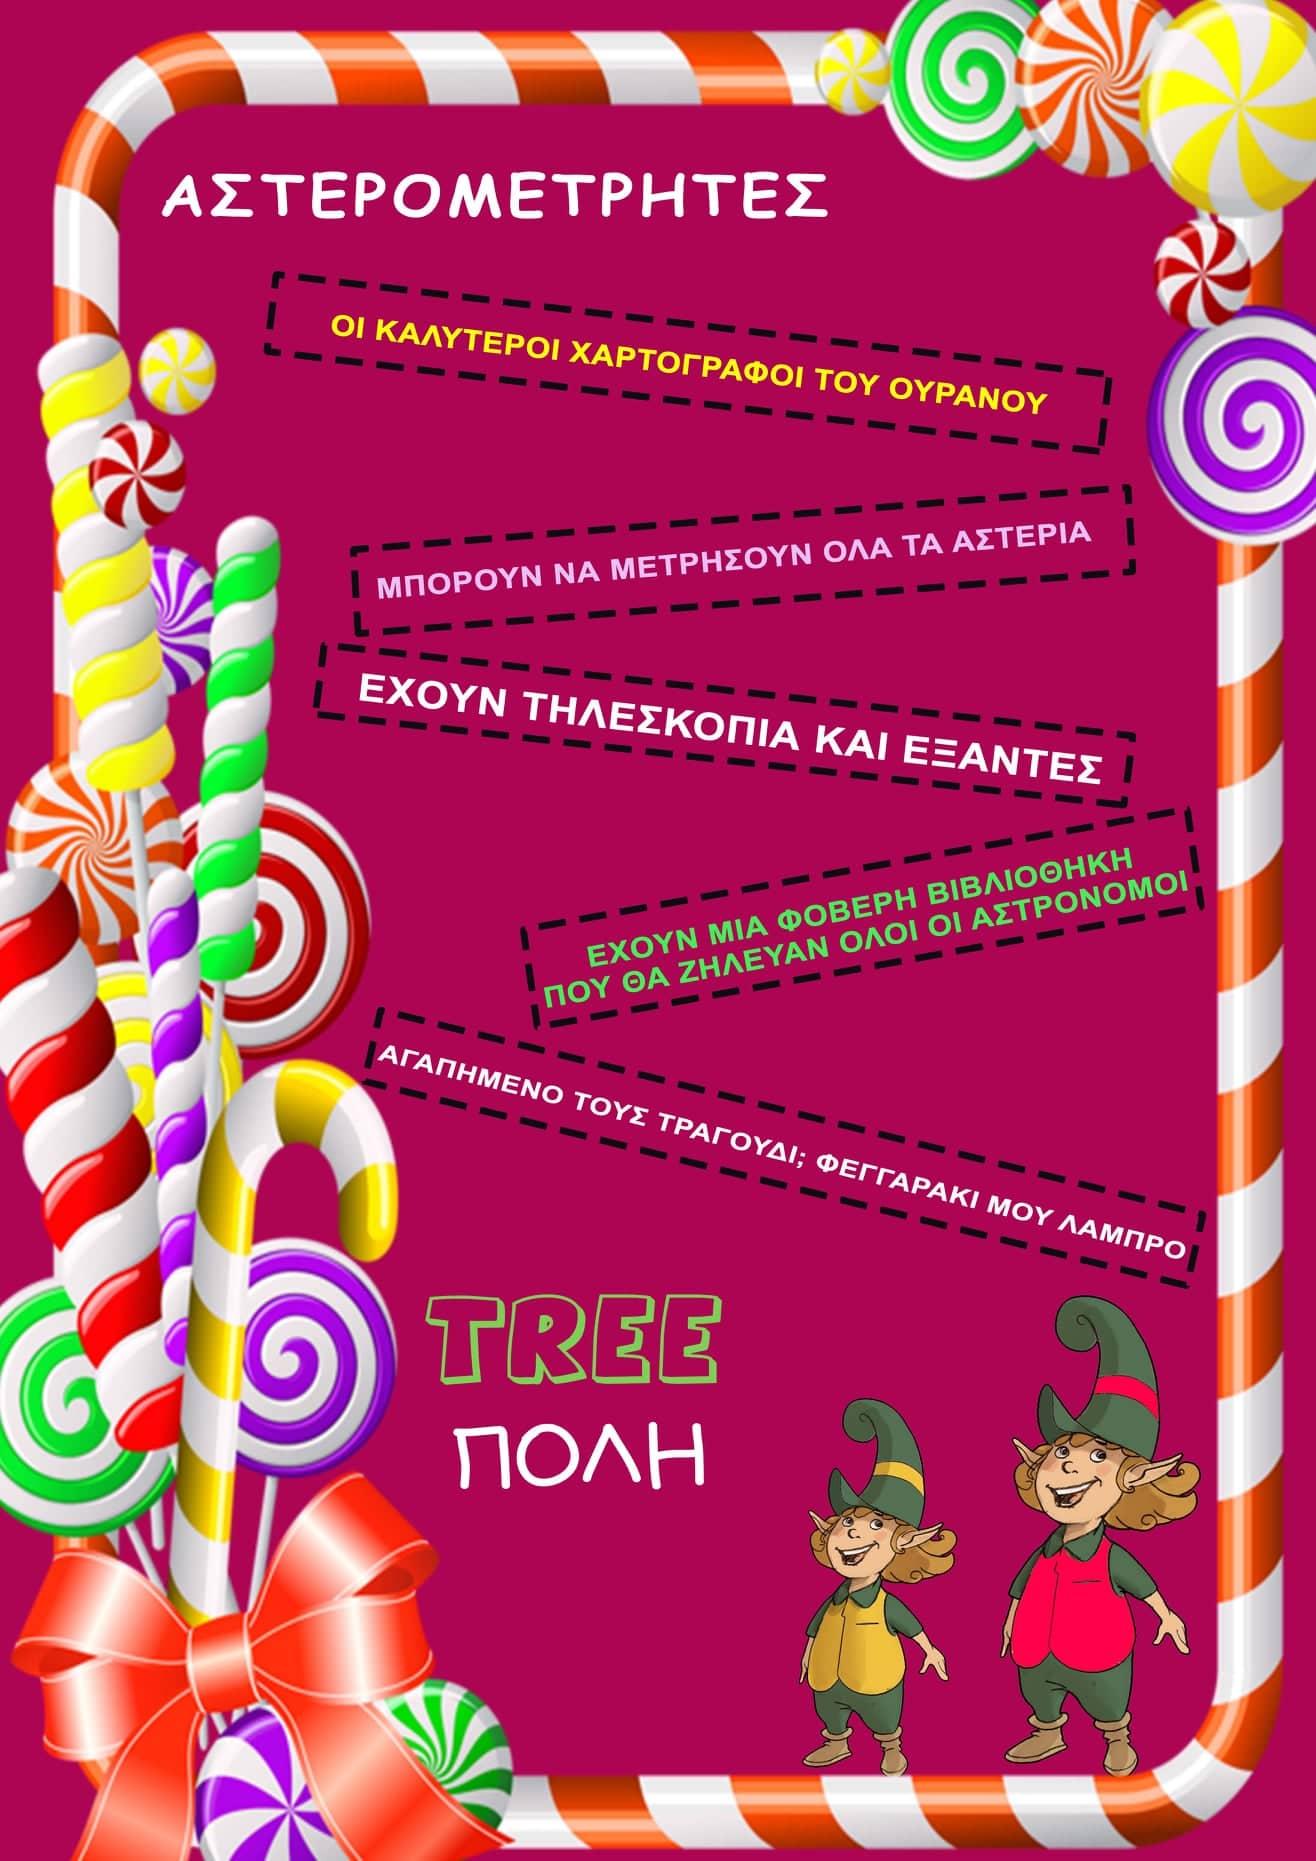 tree-poli-to-paramythi-xekina